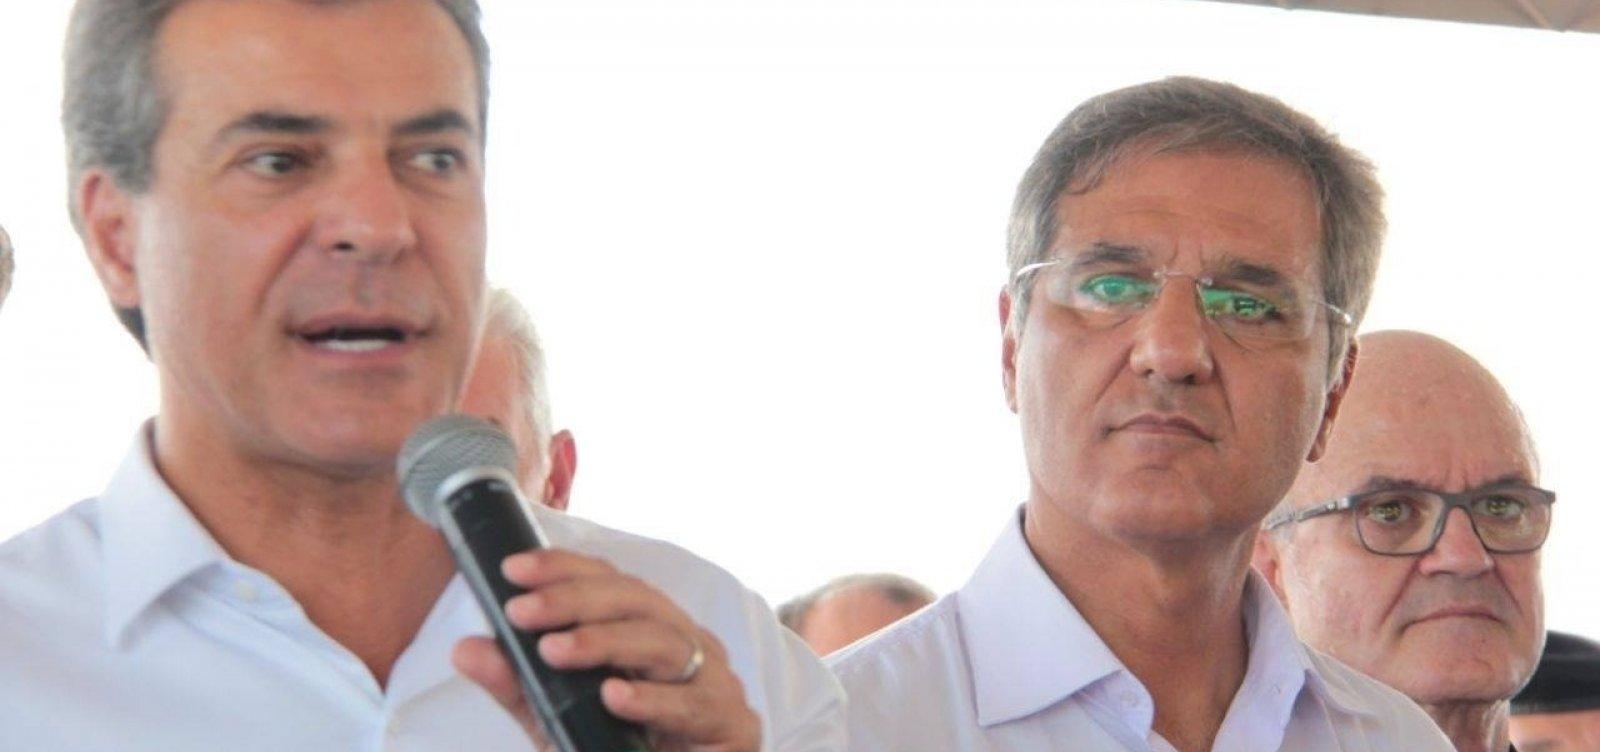 Juiz põe irmão de Beto Richa preso por tempo indeterminado